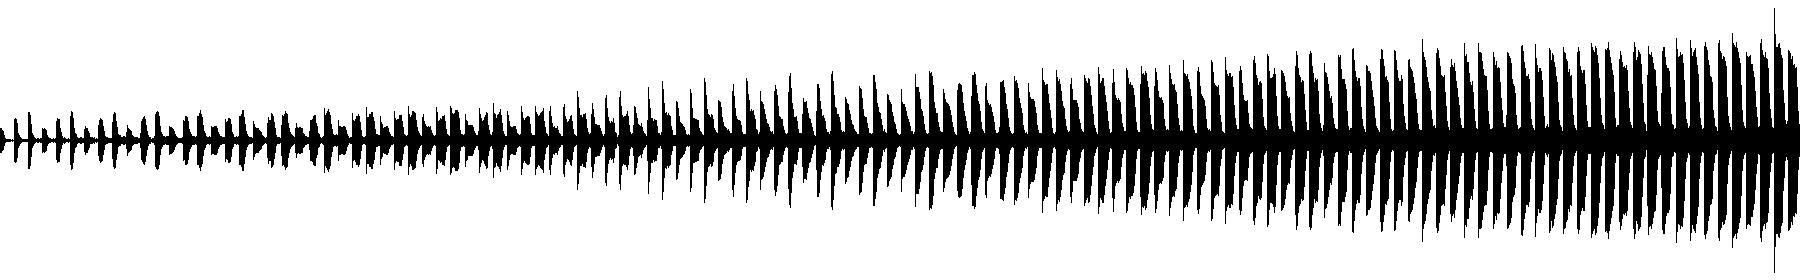 vedh melodyloop 039 a b f 122bpm